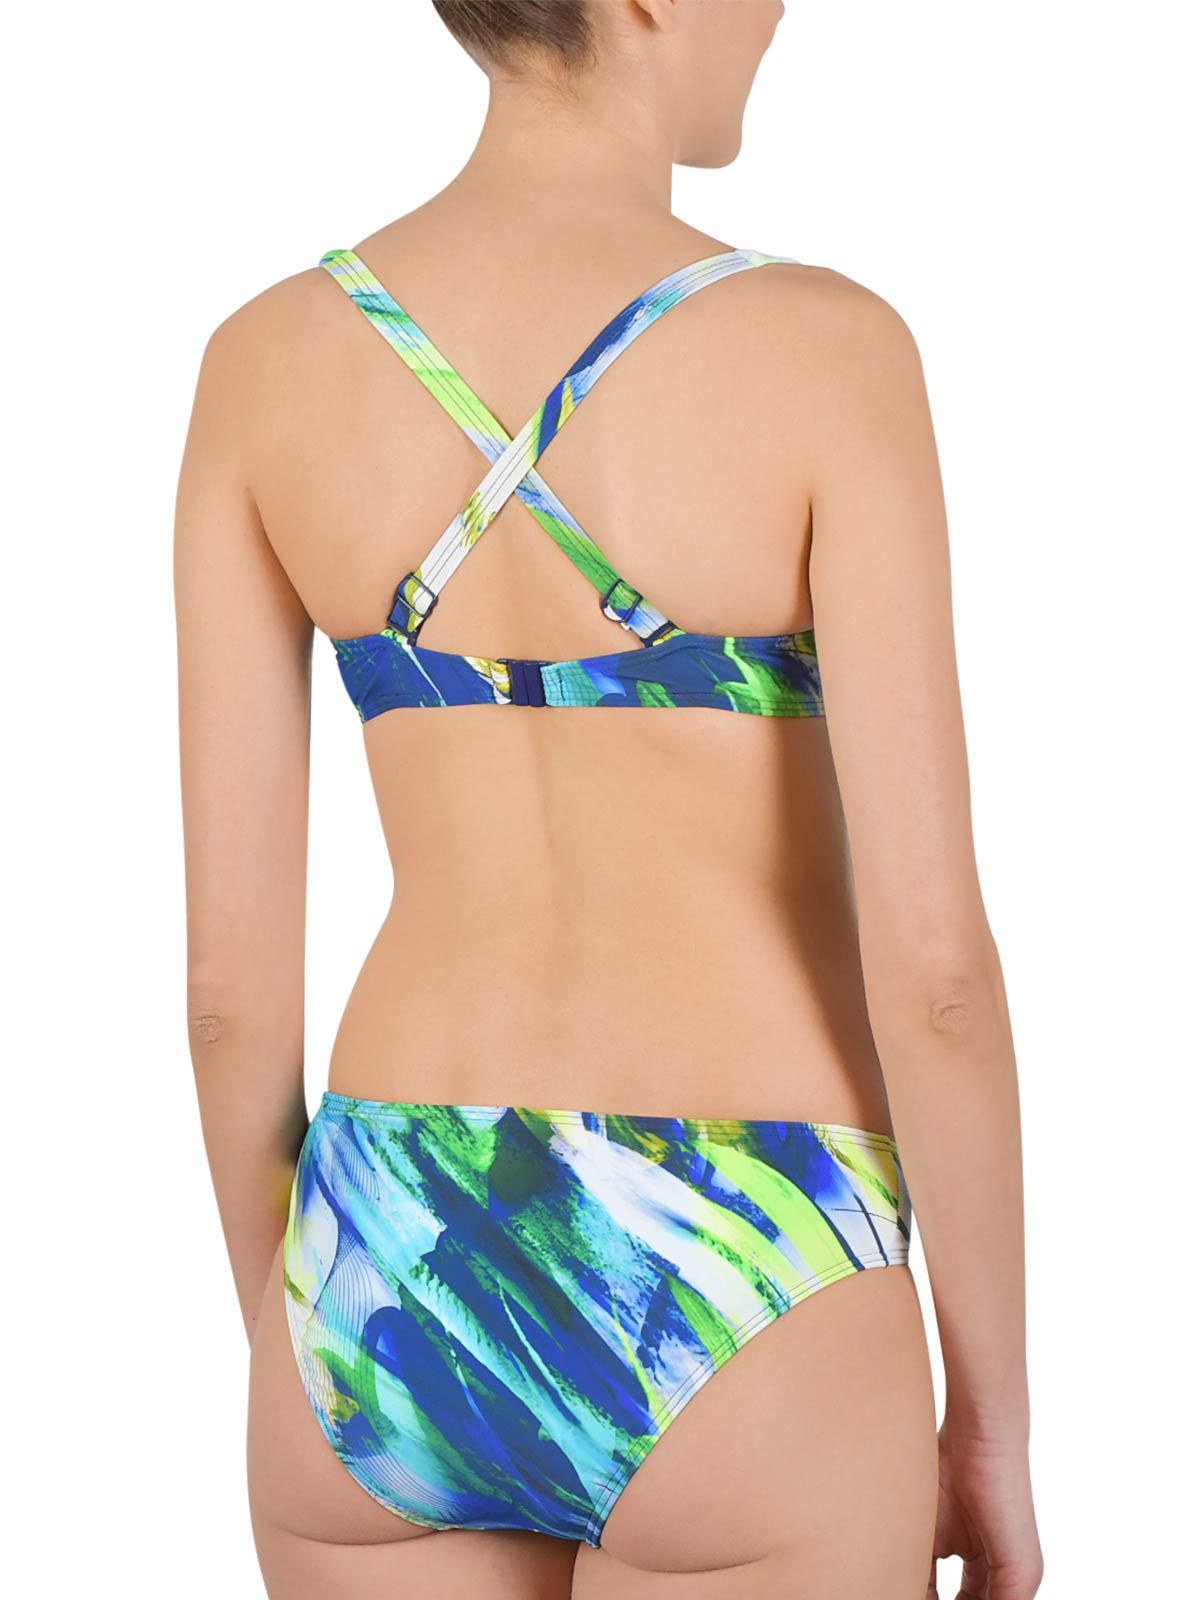 NATURANA Bügel-Bikini 72510 Gr. 36-46 B-E